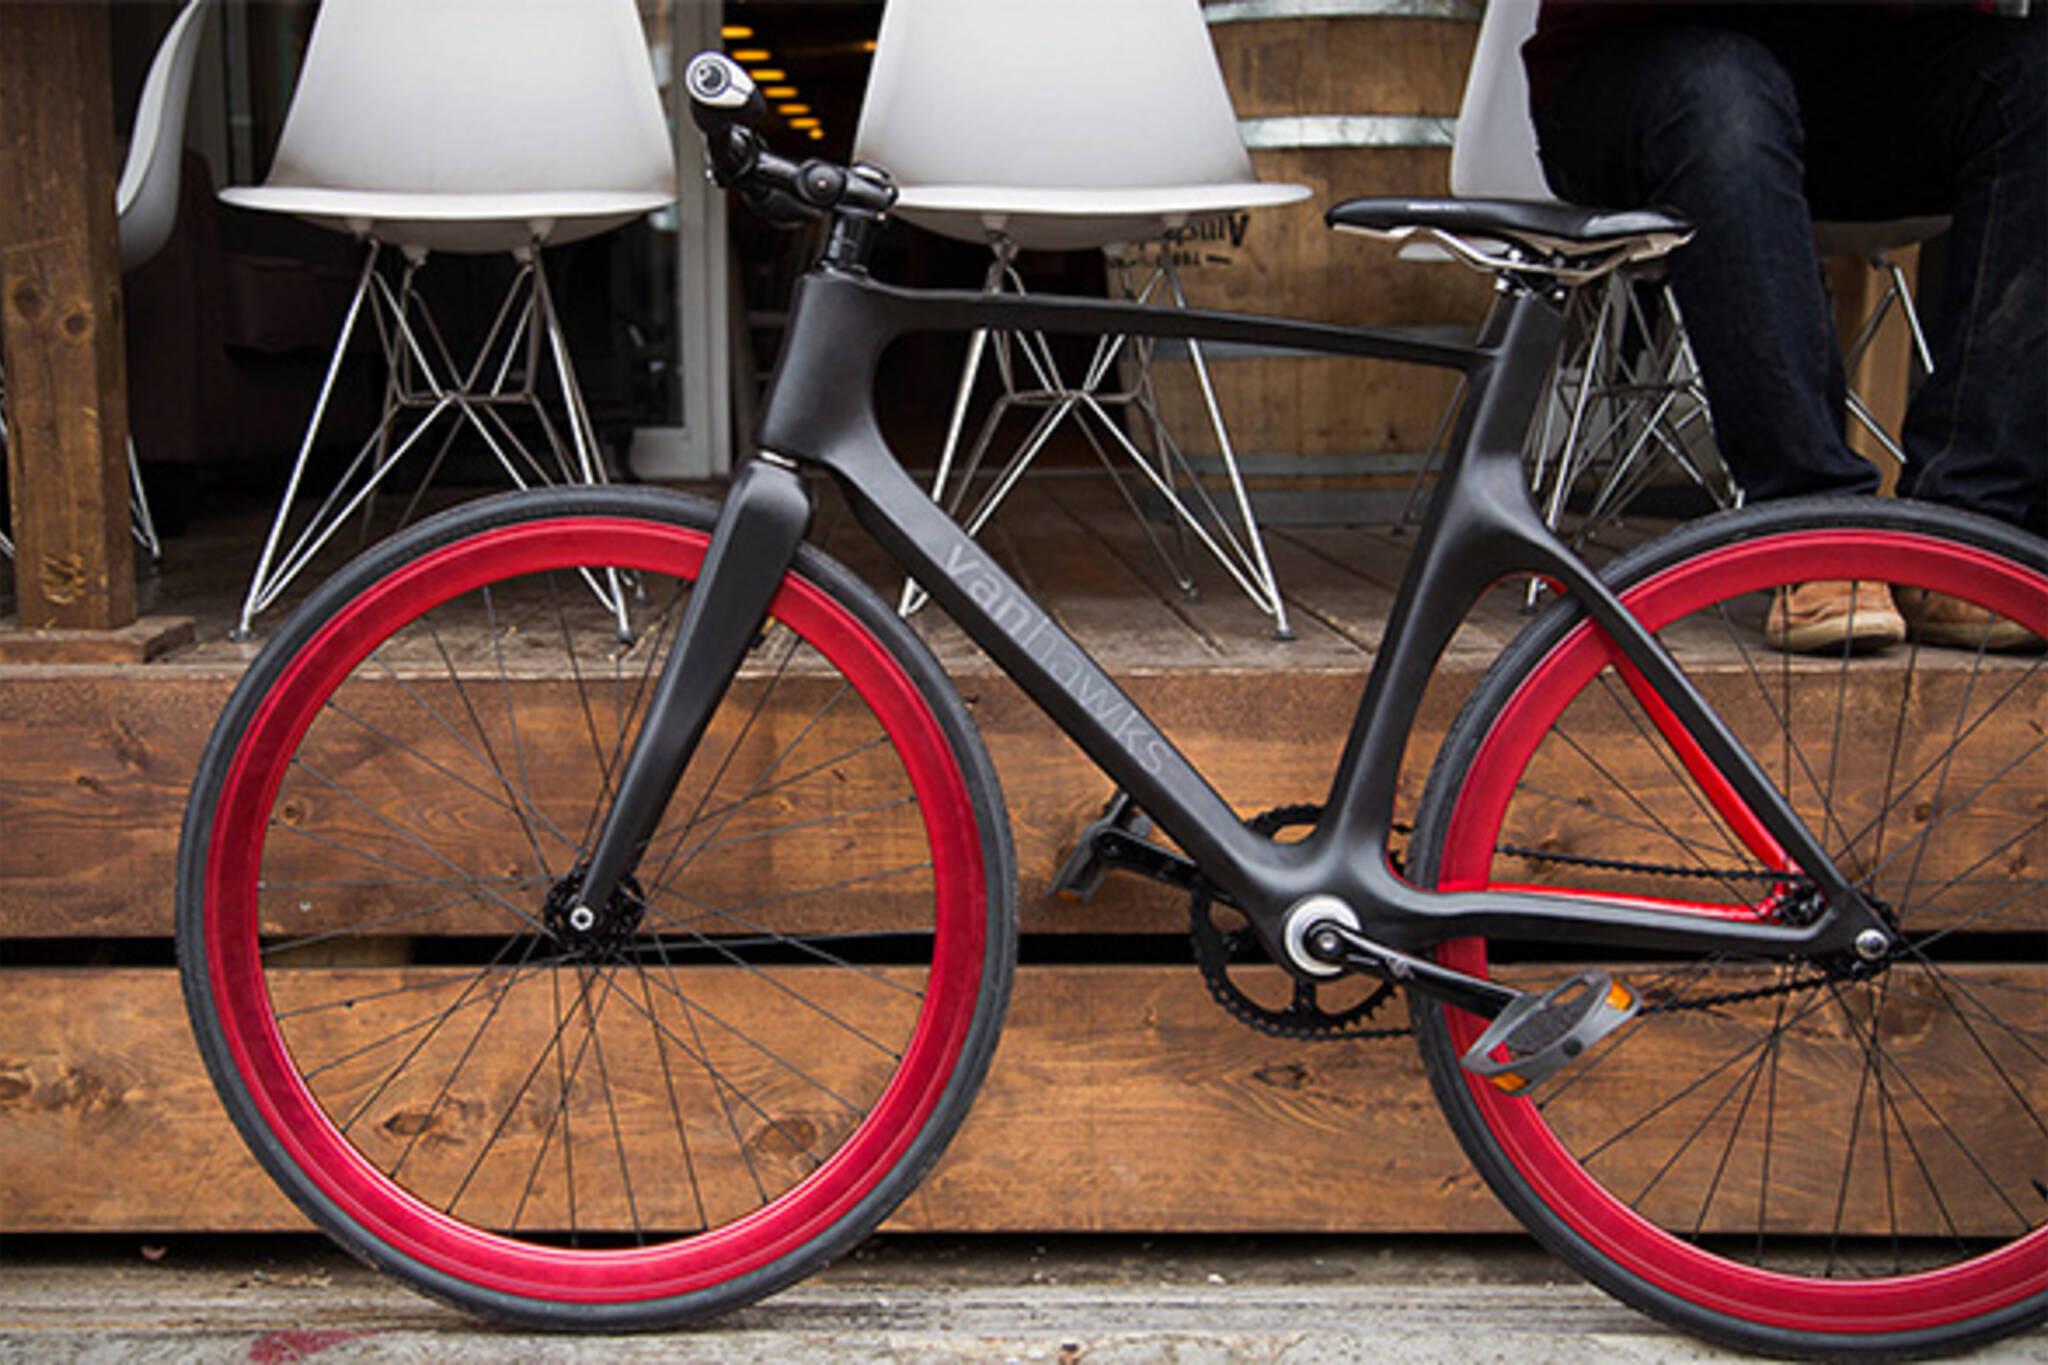 vanhawks bike